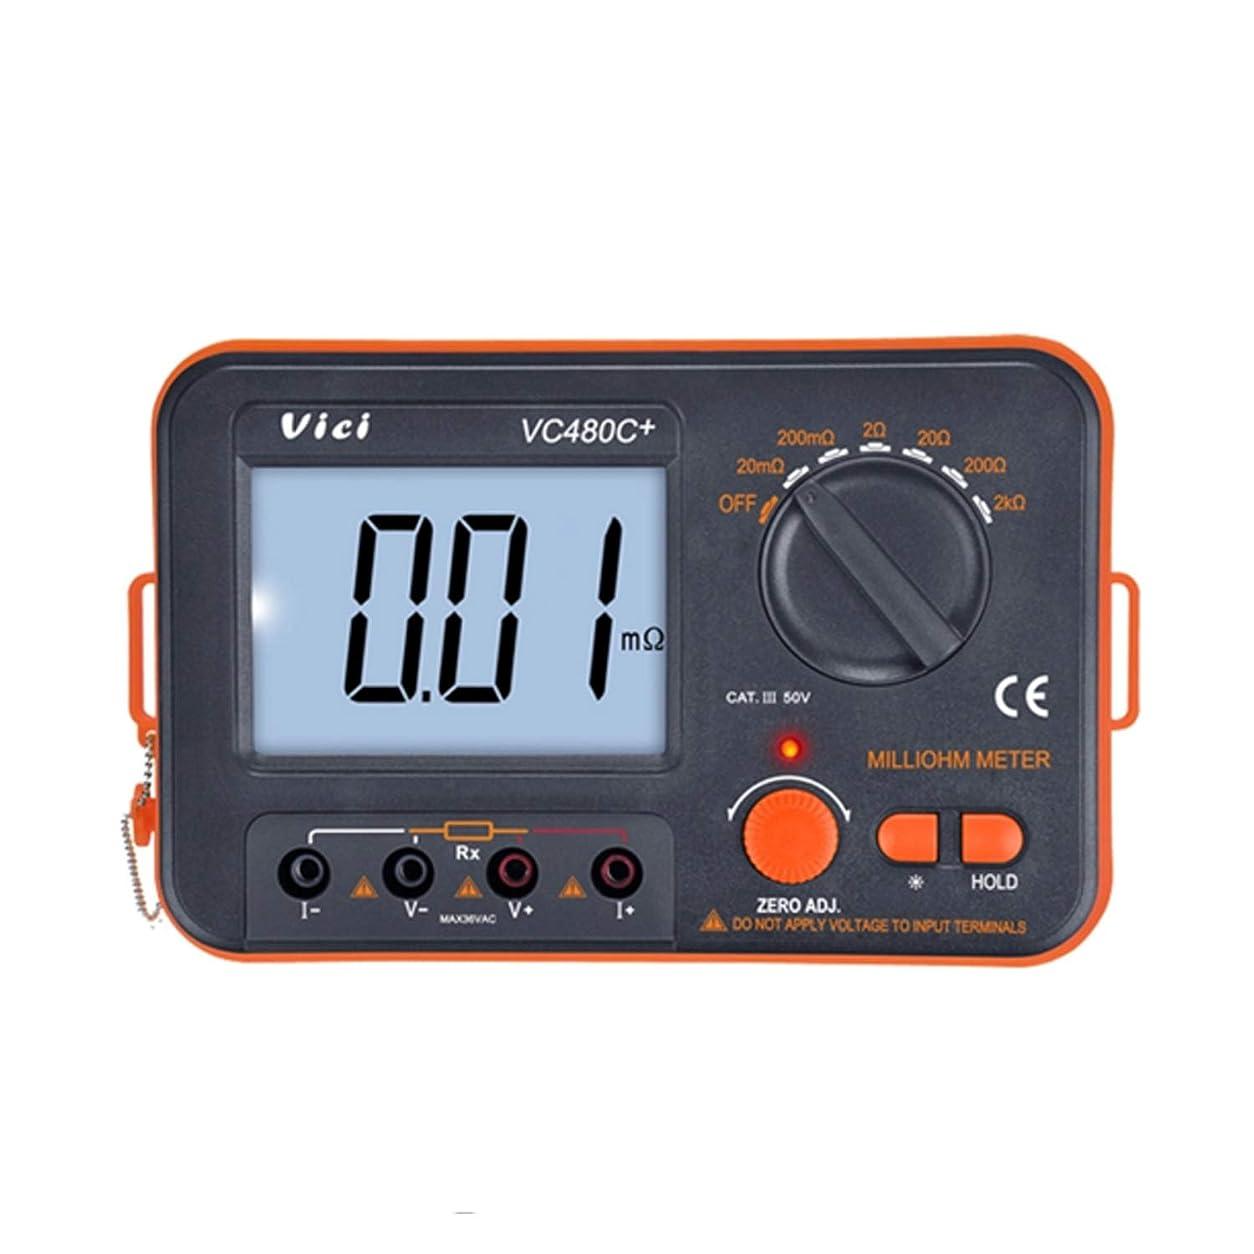 オール前兆作物マルチメータ デジタルミリオームメーター 3 1/2 LCDバックライト付き 4線式テスト 低抵抗マルチメーター 6レンジ 0.01mΩー2kΩ精度測定器 VC480C+ 抵抗、変圧器、モーターコイル、PCBのため